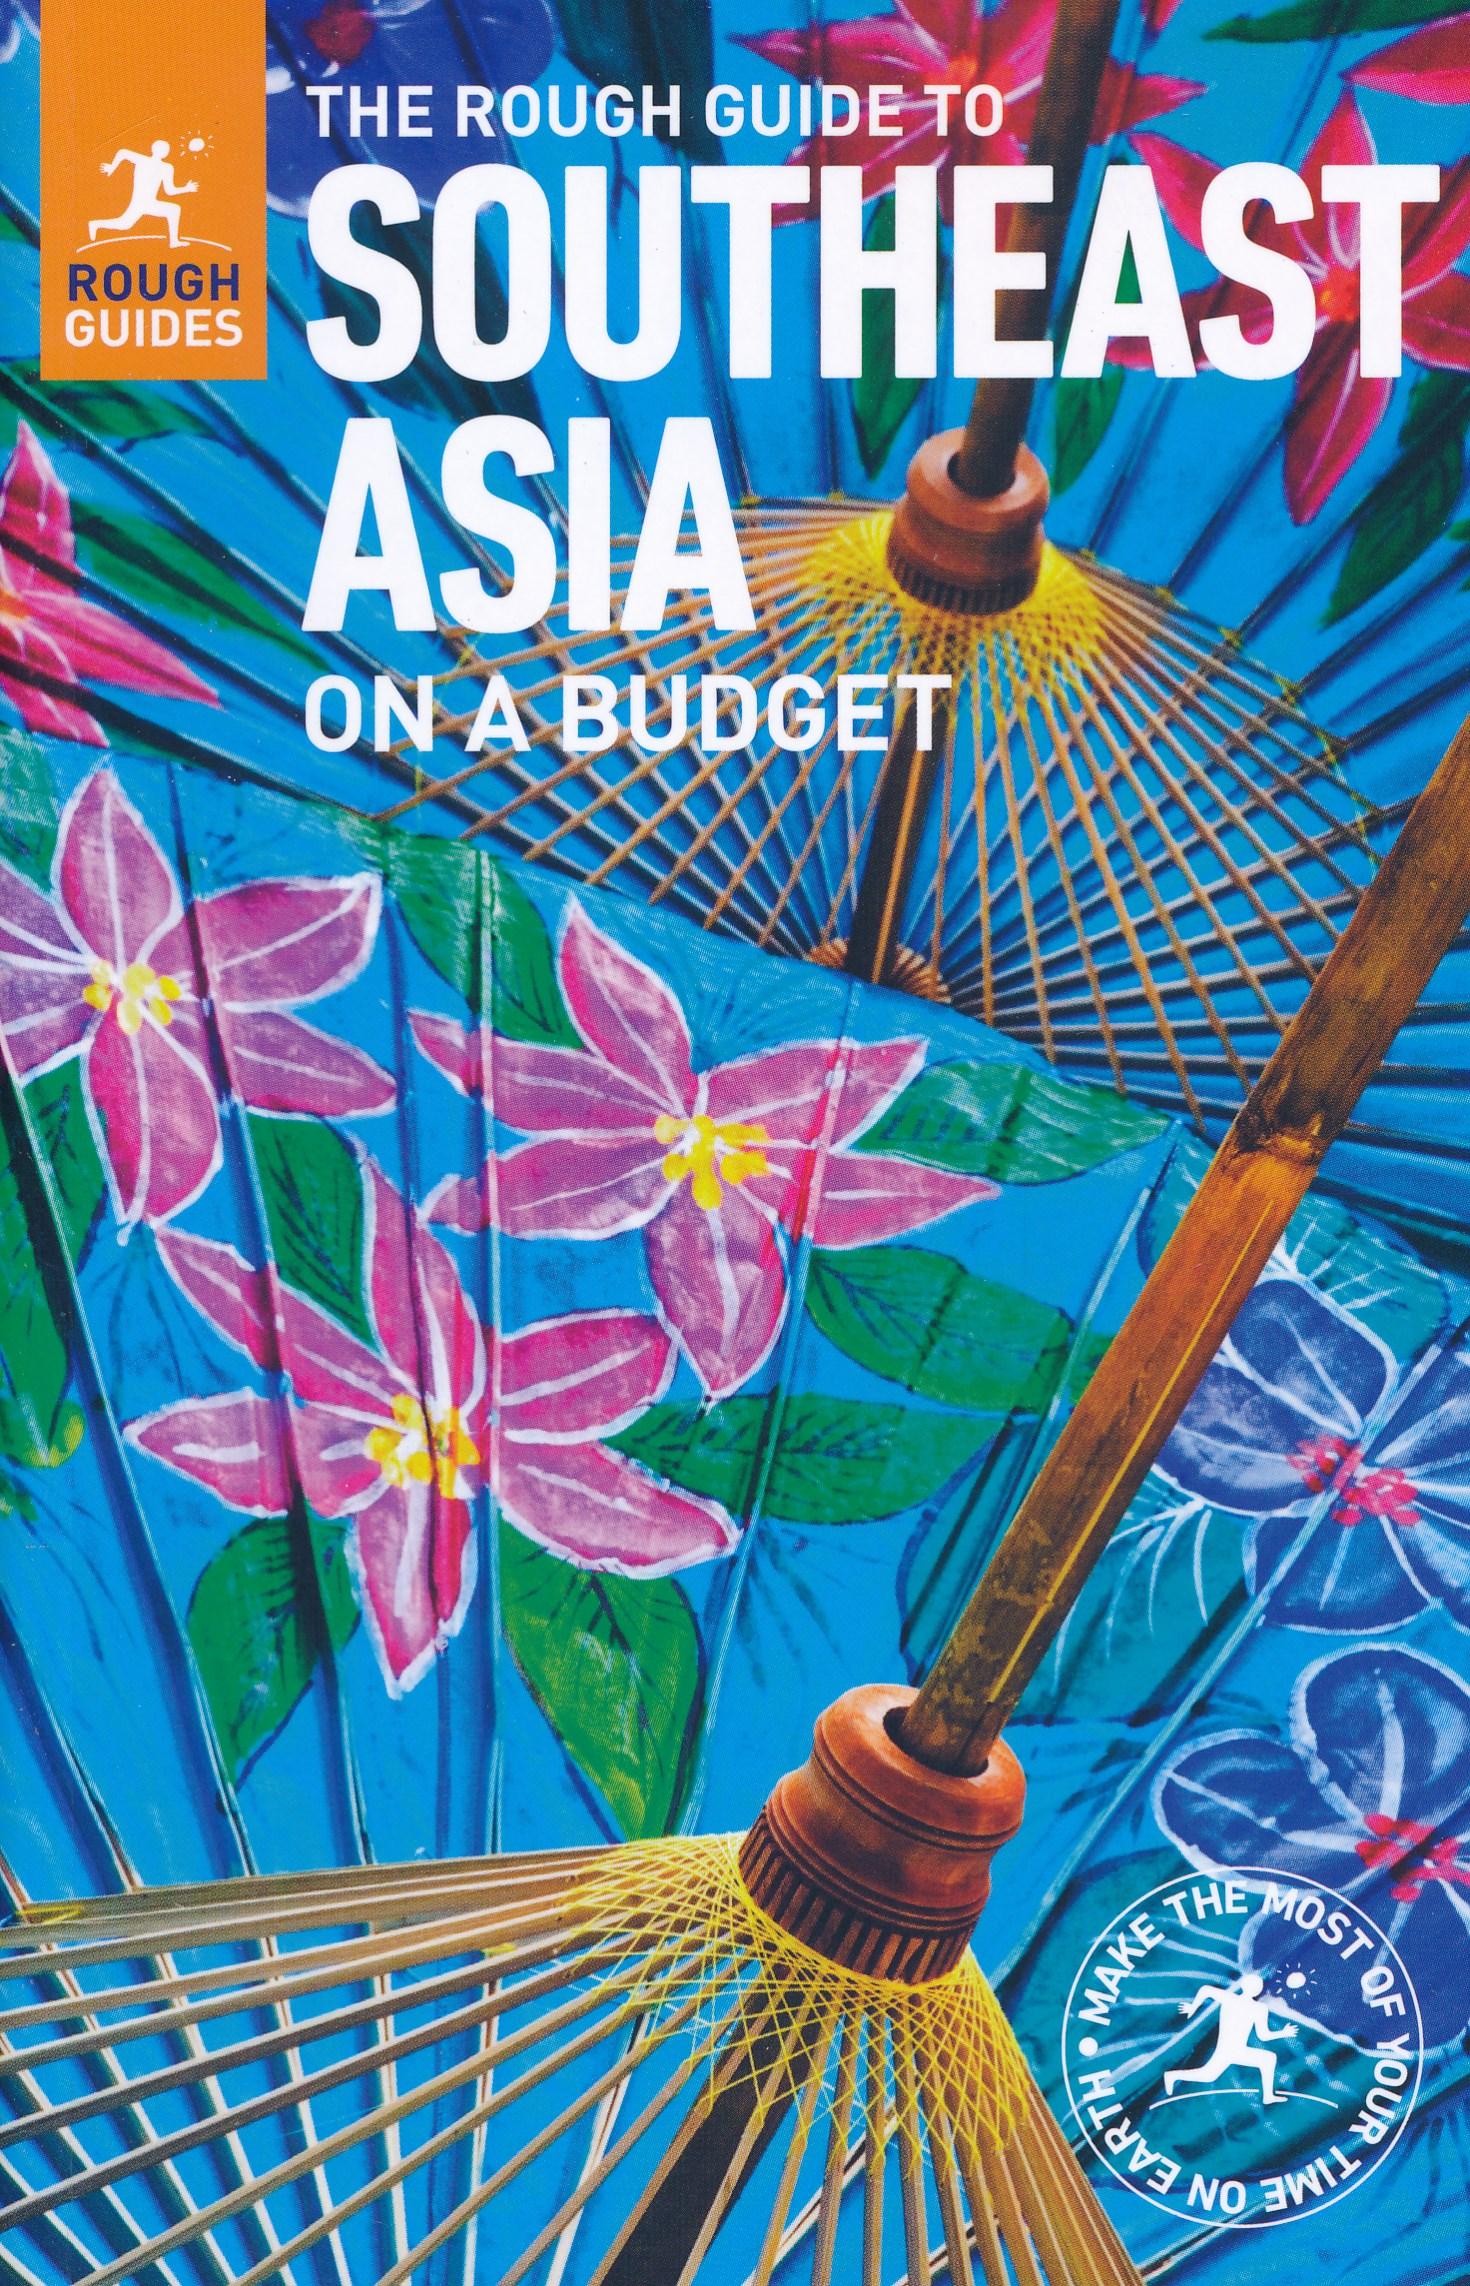 Reisgids Southeast Asia on a budget | Rough Guides <br/>€ 26.50 <br/> <a href='https://www.dezwerver.nl/reisgidsen/?tt=1554_252853_241358_&r=https%3A%2F%2Fwww.dezwerver.nl%2Fr%2Fazie%2Fbrunei%2Fc%2Fboeken%2Freisgidsen%2F9780241279229%2Freisgids-southeast-asia-on-a-budget-rough-guides%2F' target='_blank'>Meer Info</a>